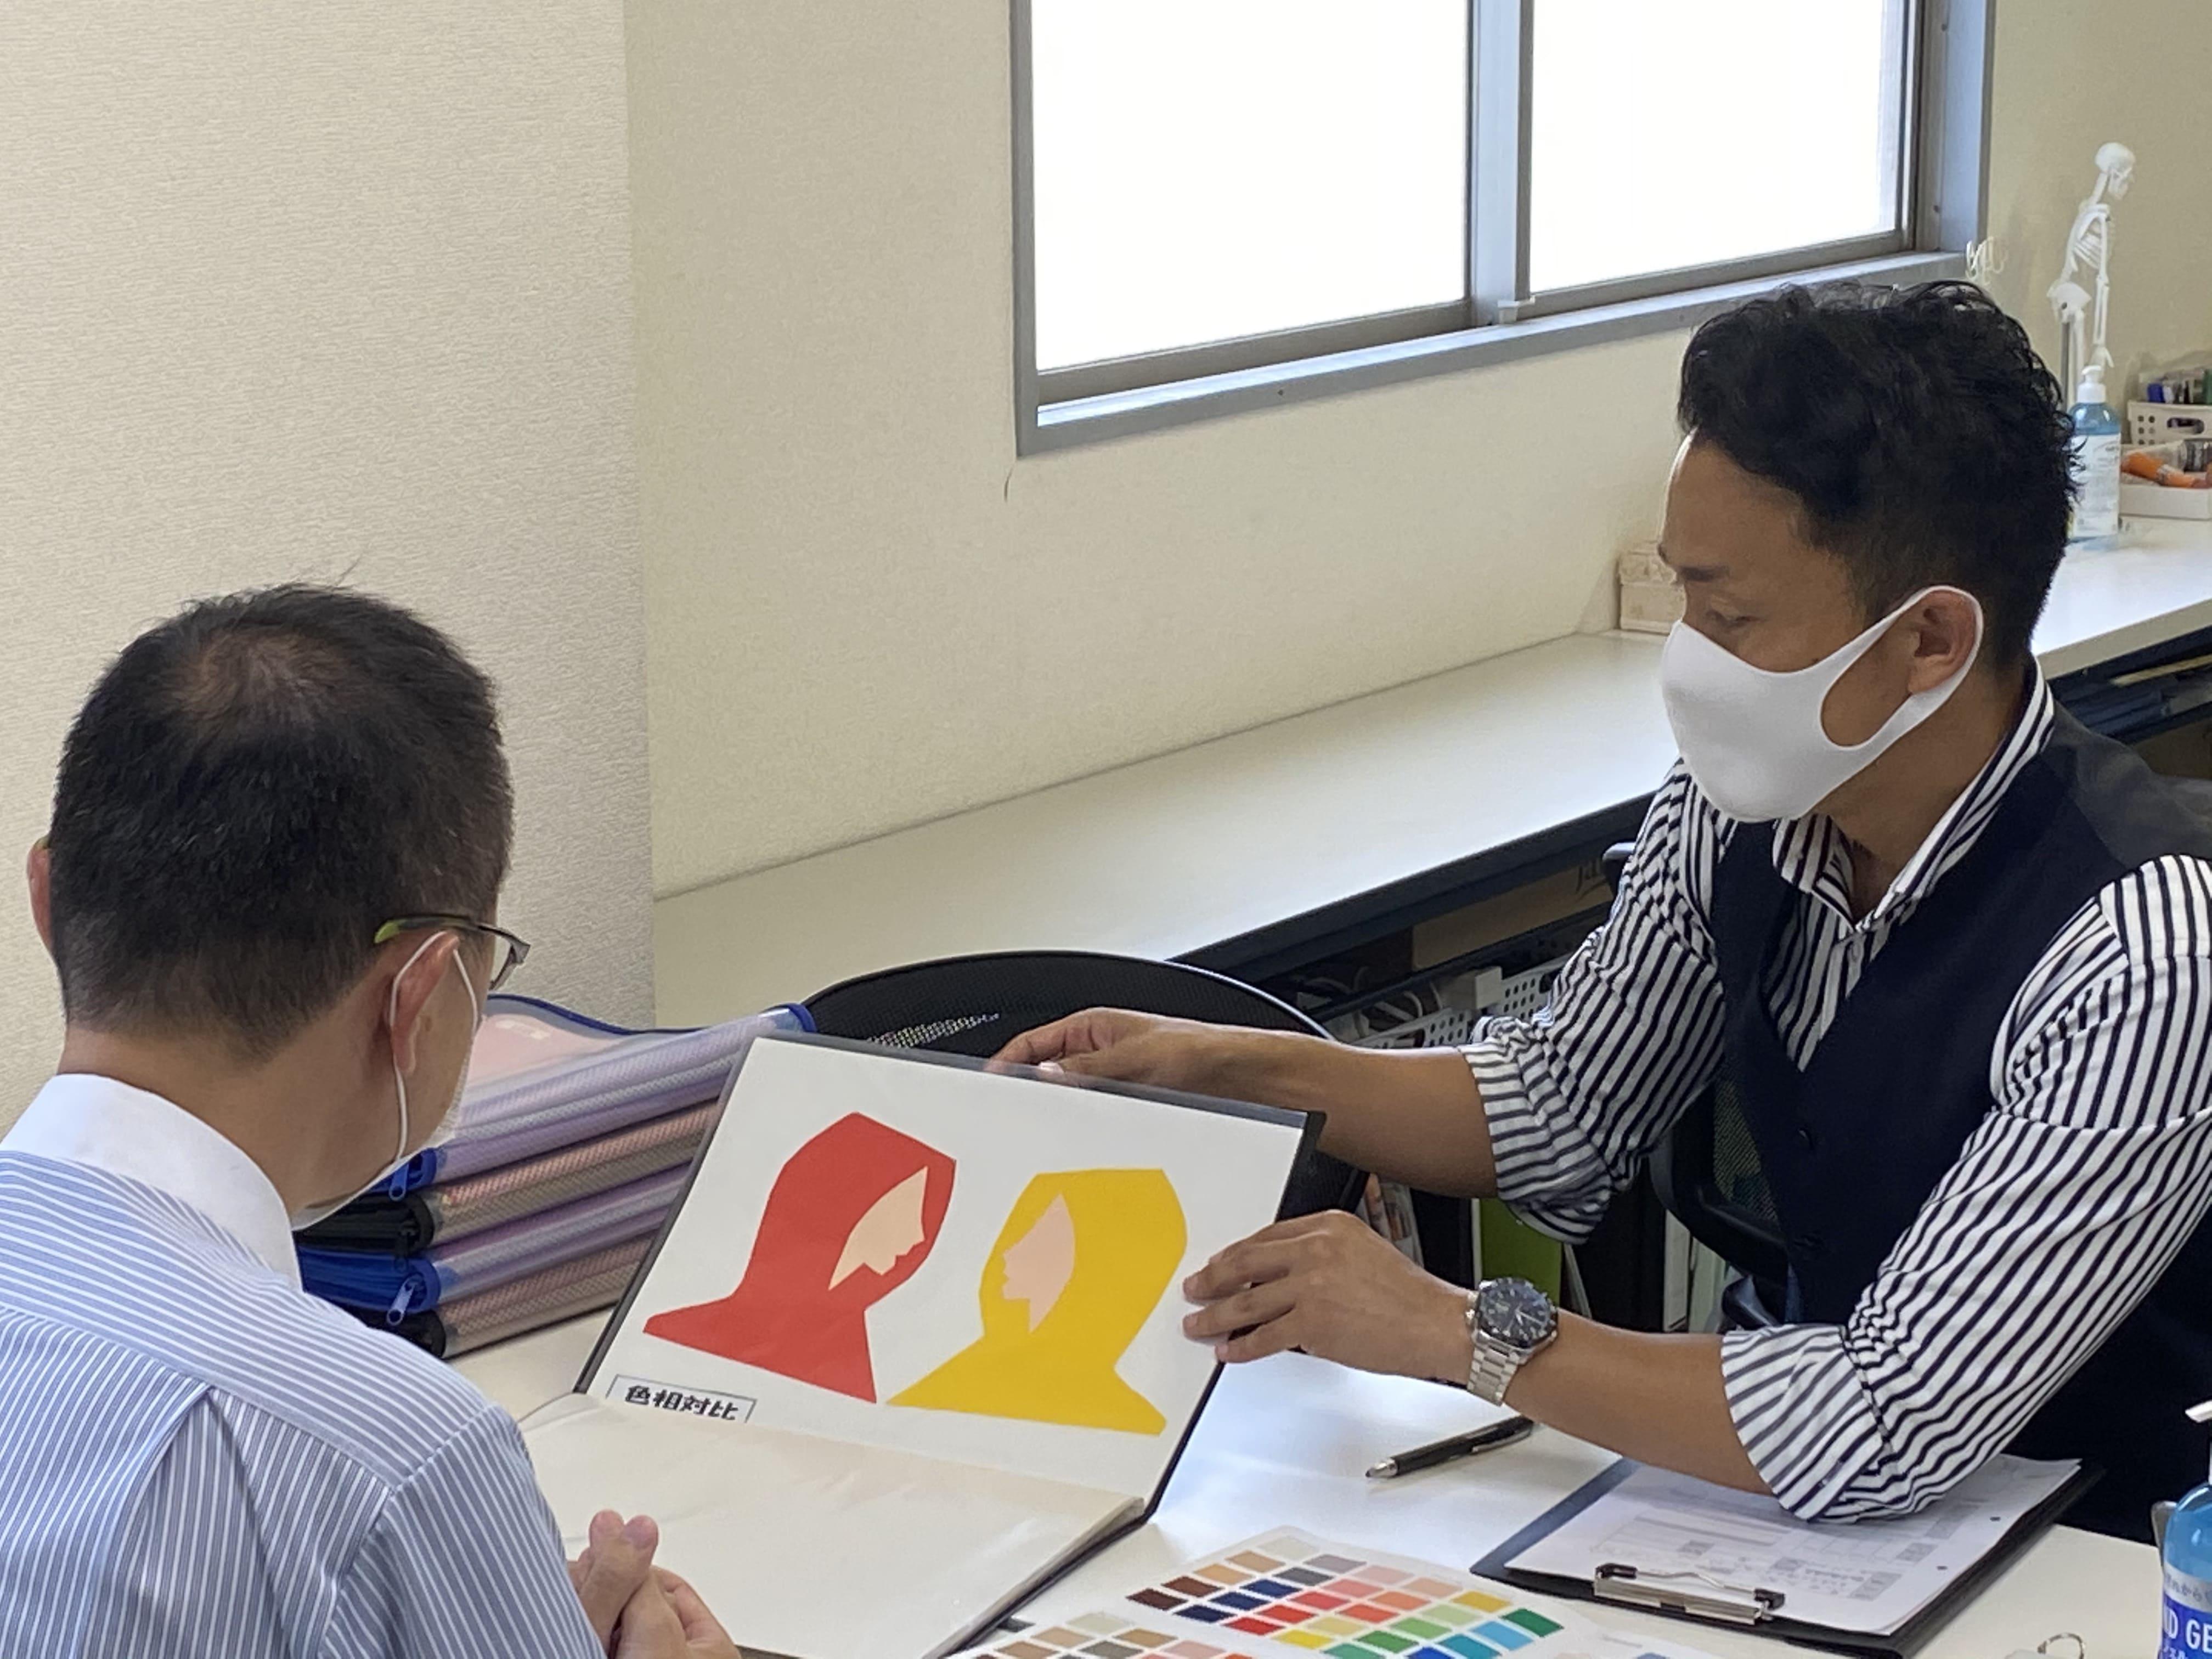 【受講生の紹介】男性をもっとおしゃれに!「大人が通う服装の学校」を運営竹田浩一郎さん